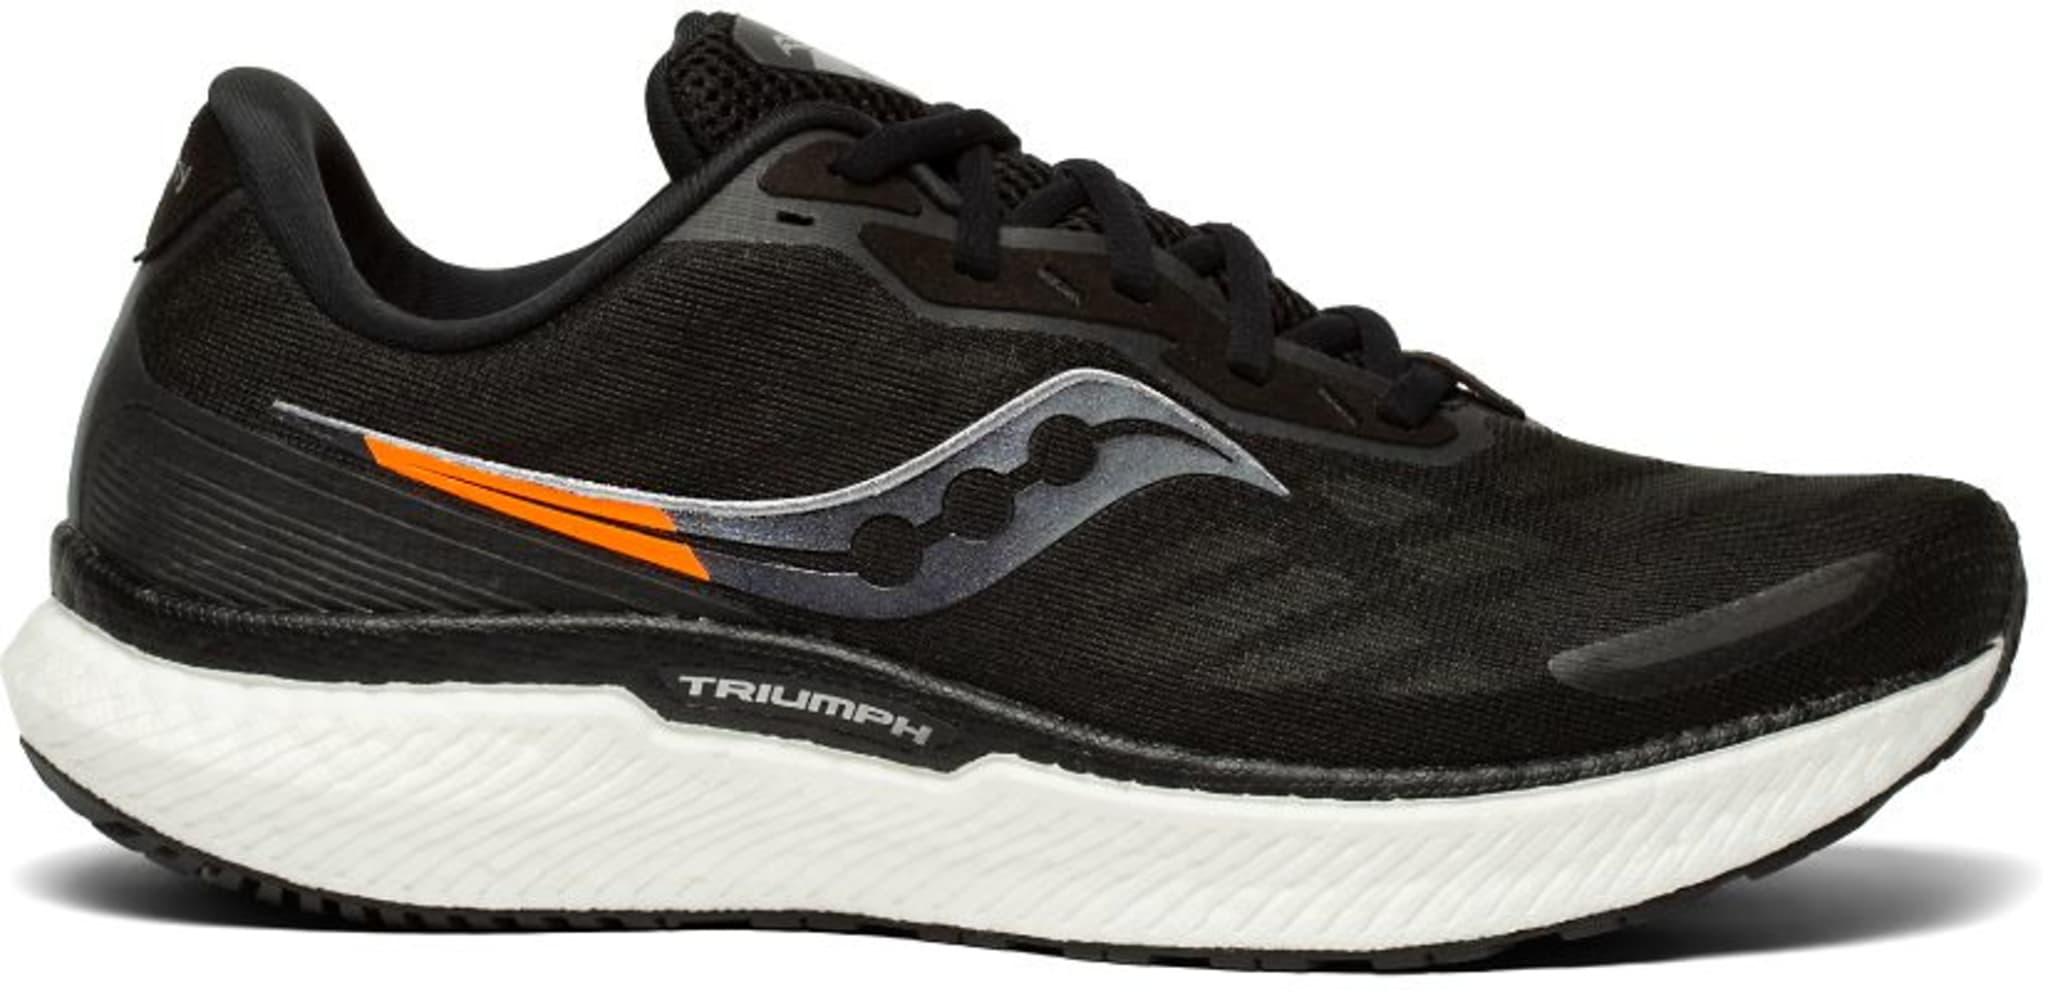 Den skymyke skoen fra Saucony